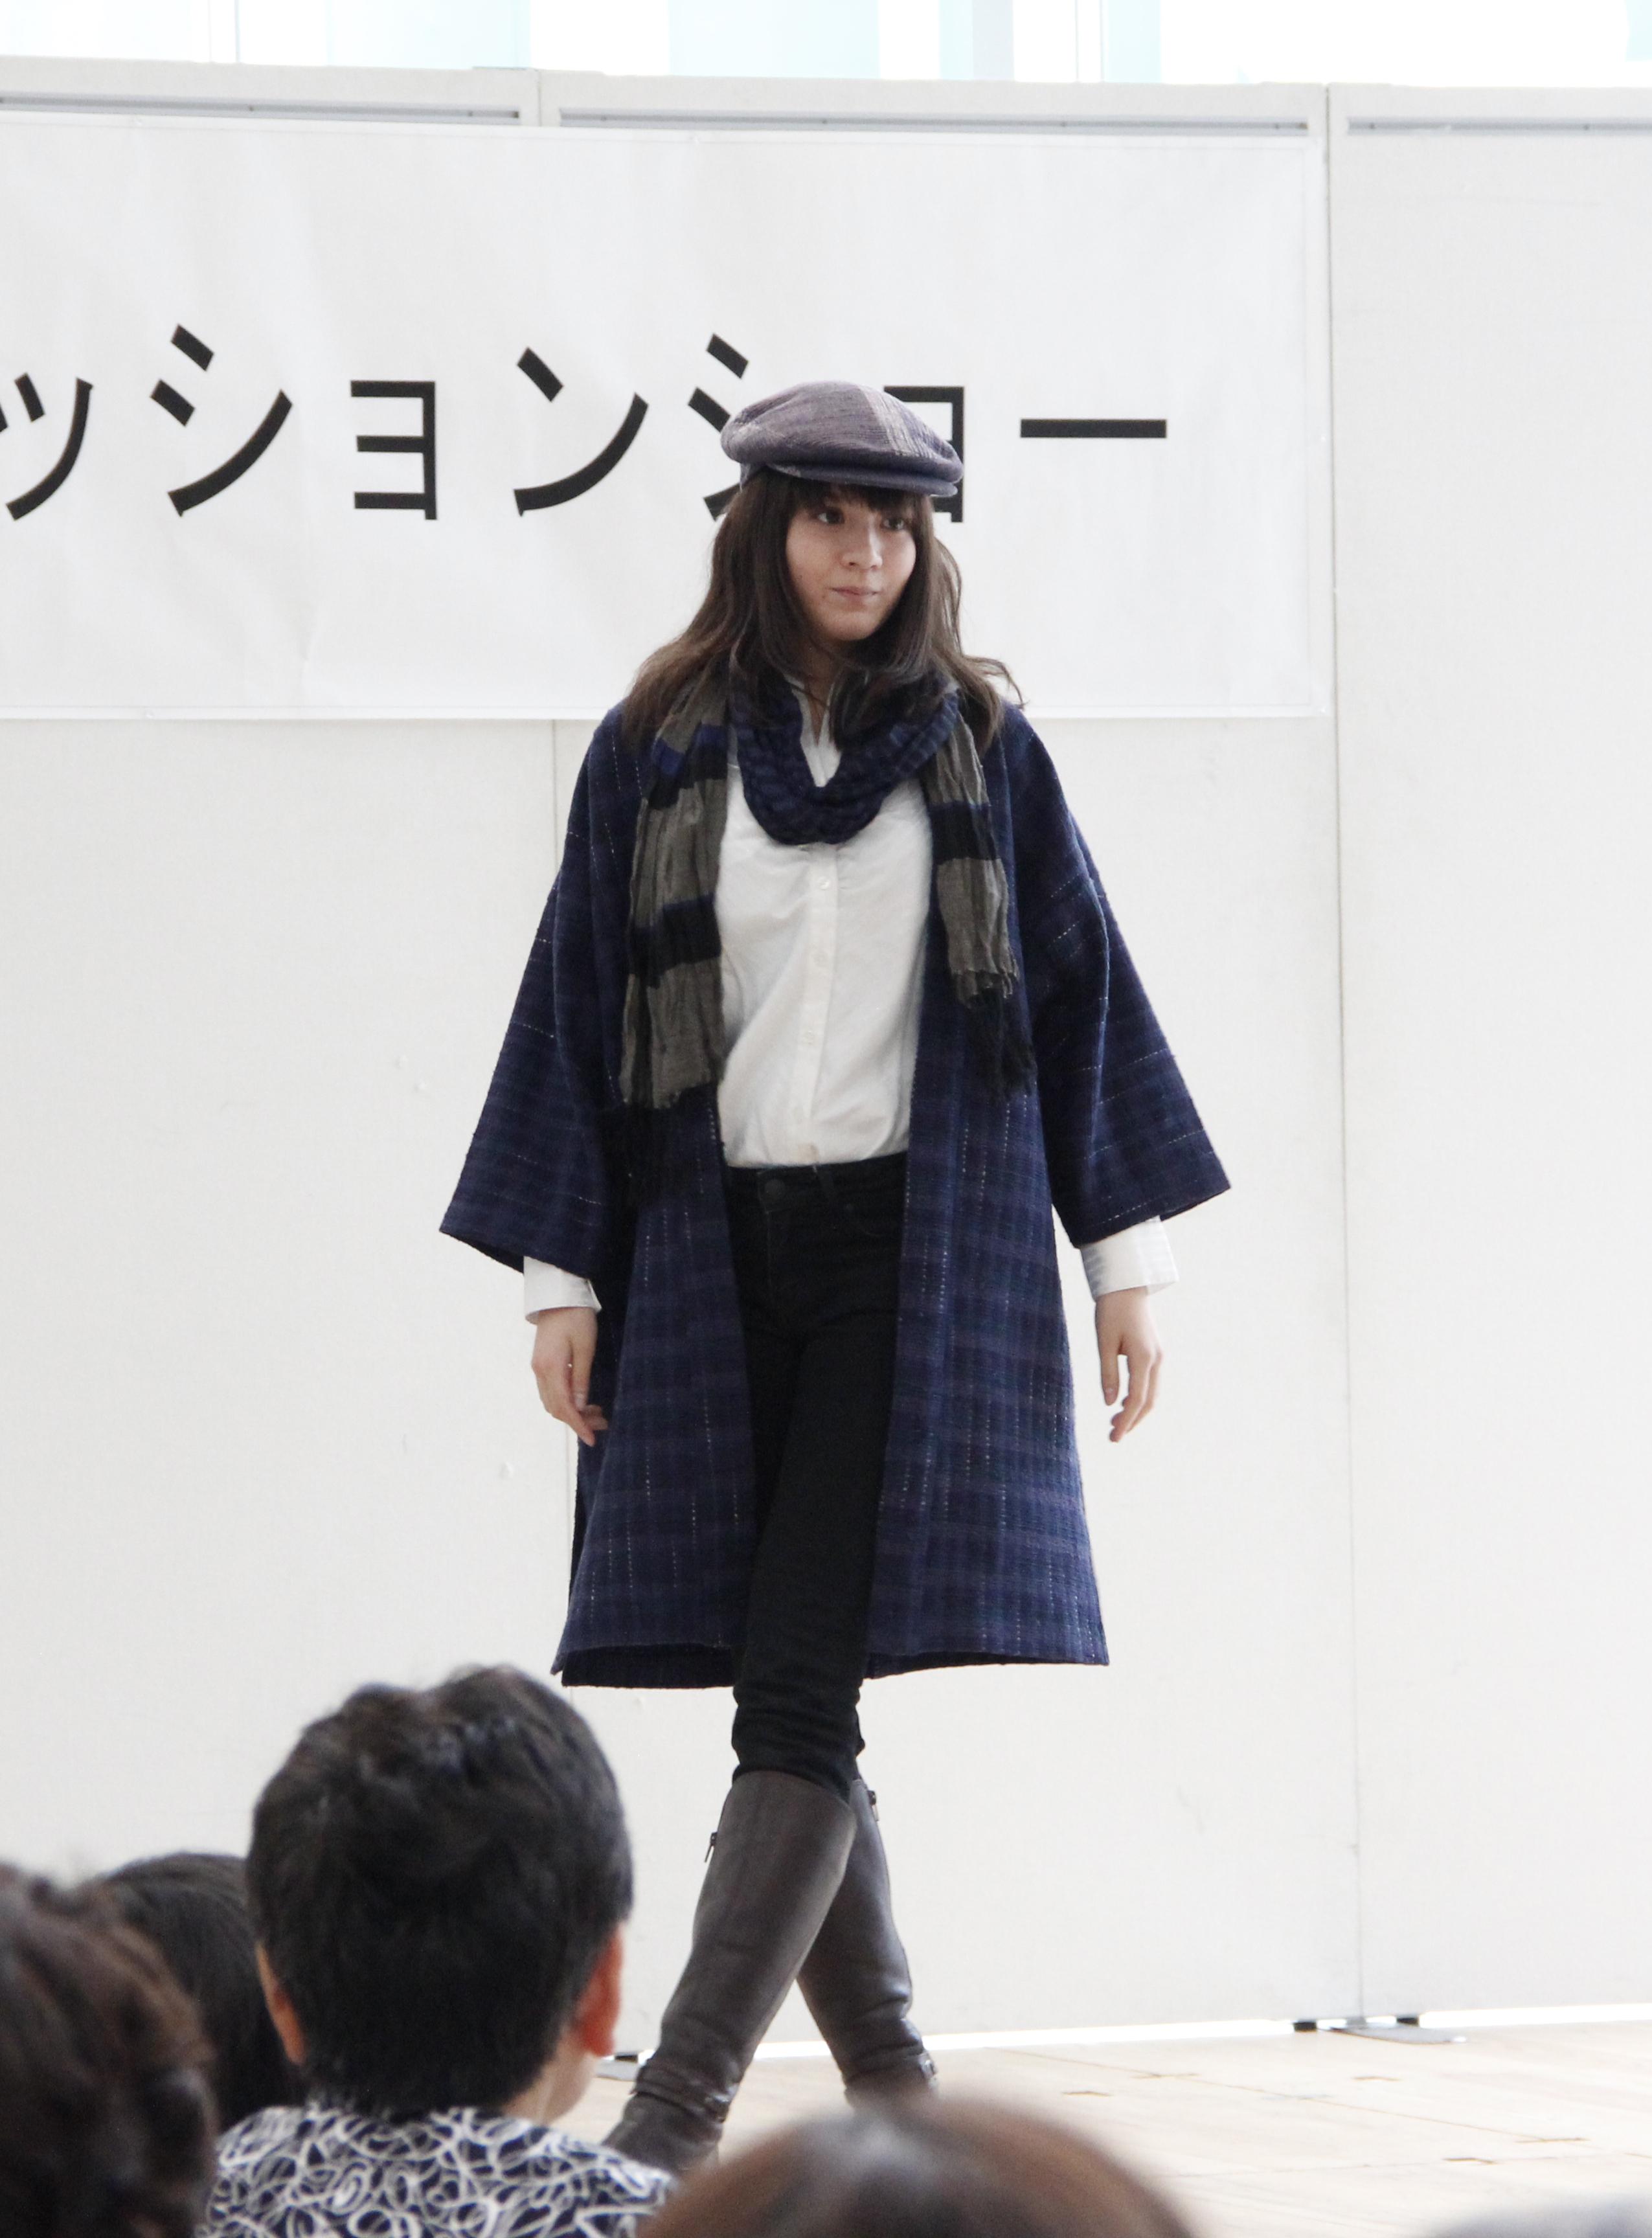 http://hacchi.jp/blog/upload/images/20131005_2_3.jpg